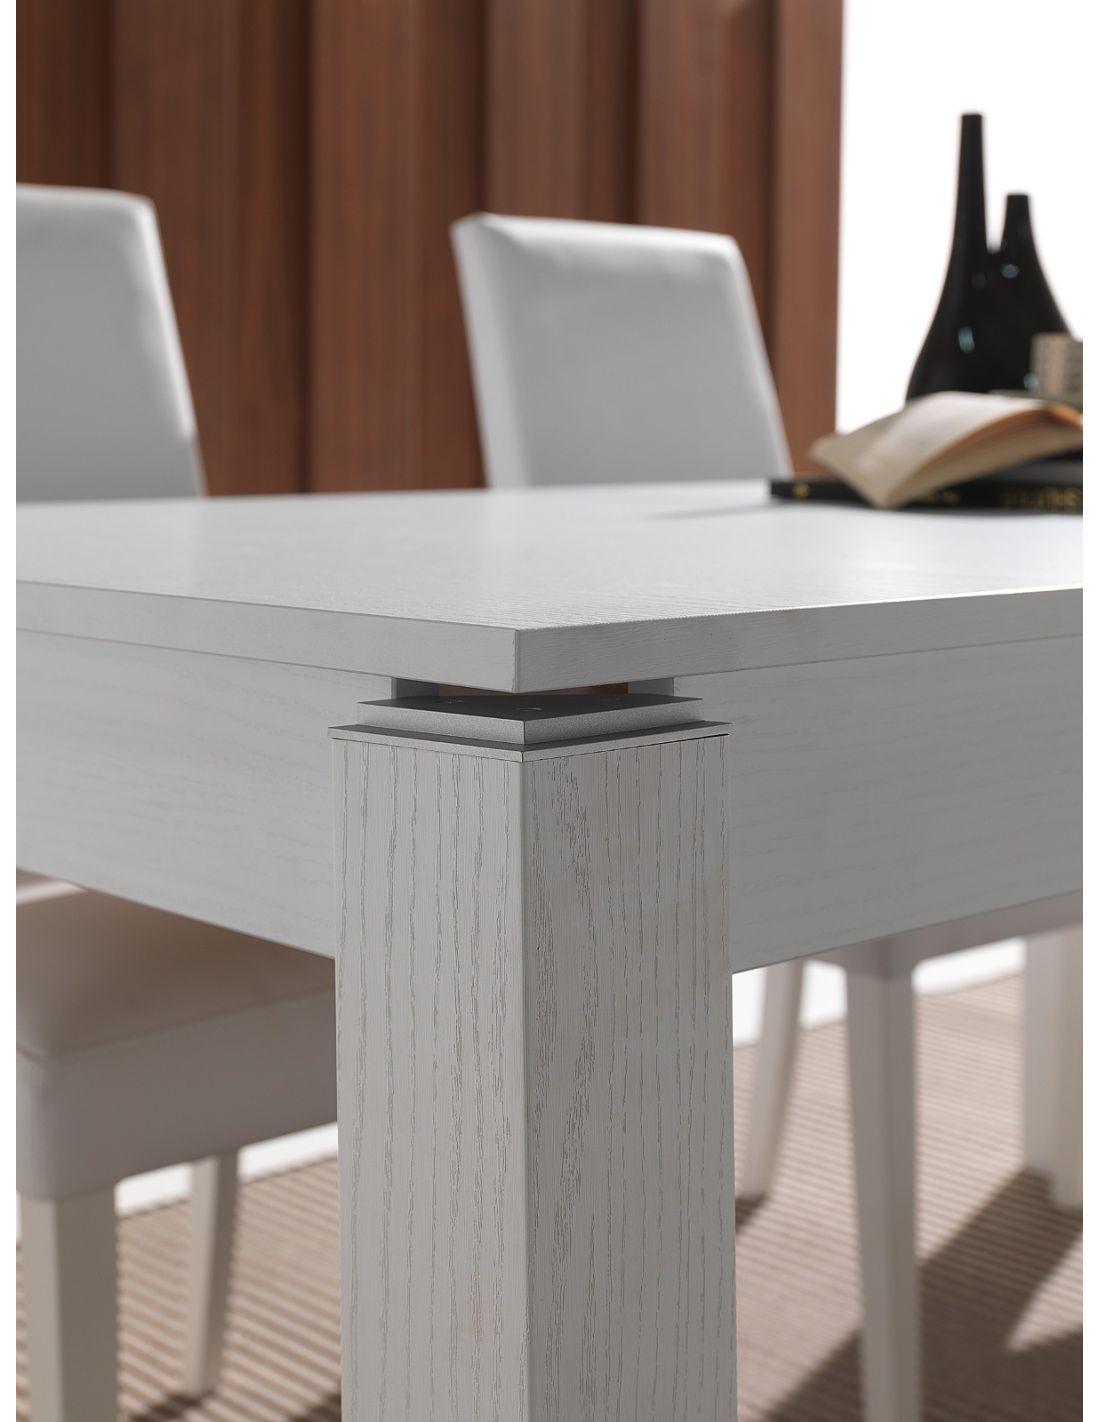 cucina allungabile Stellan in legno bianco poro aperto 160 x 90 cm